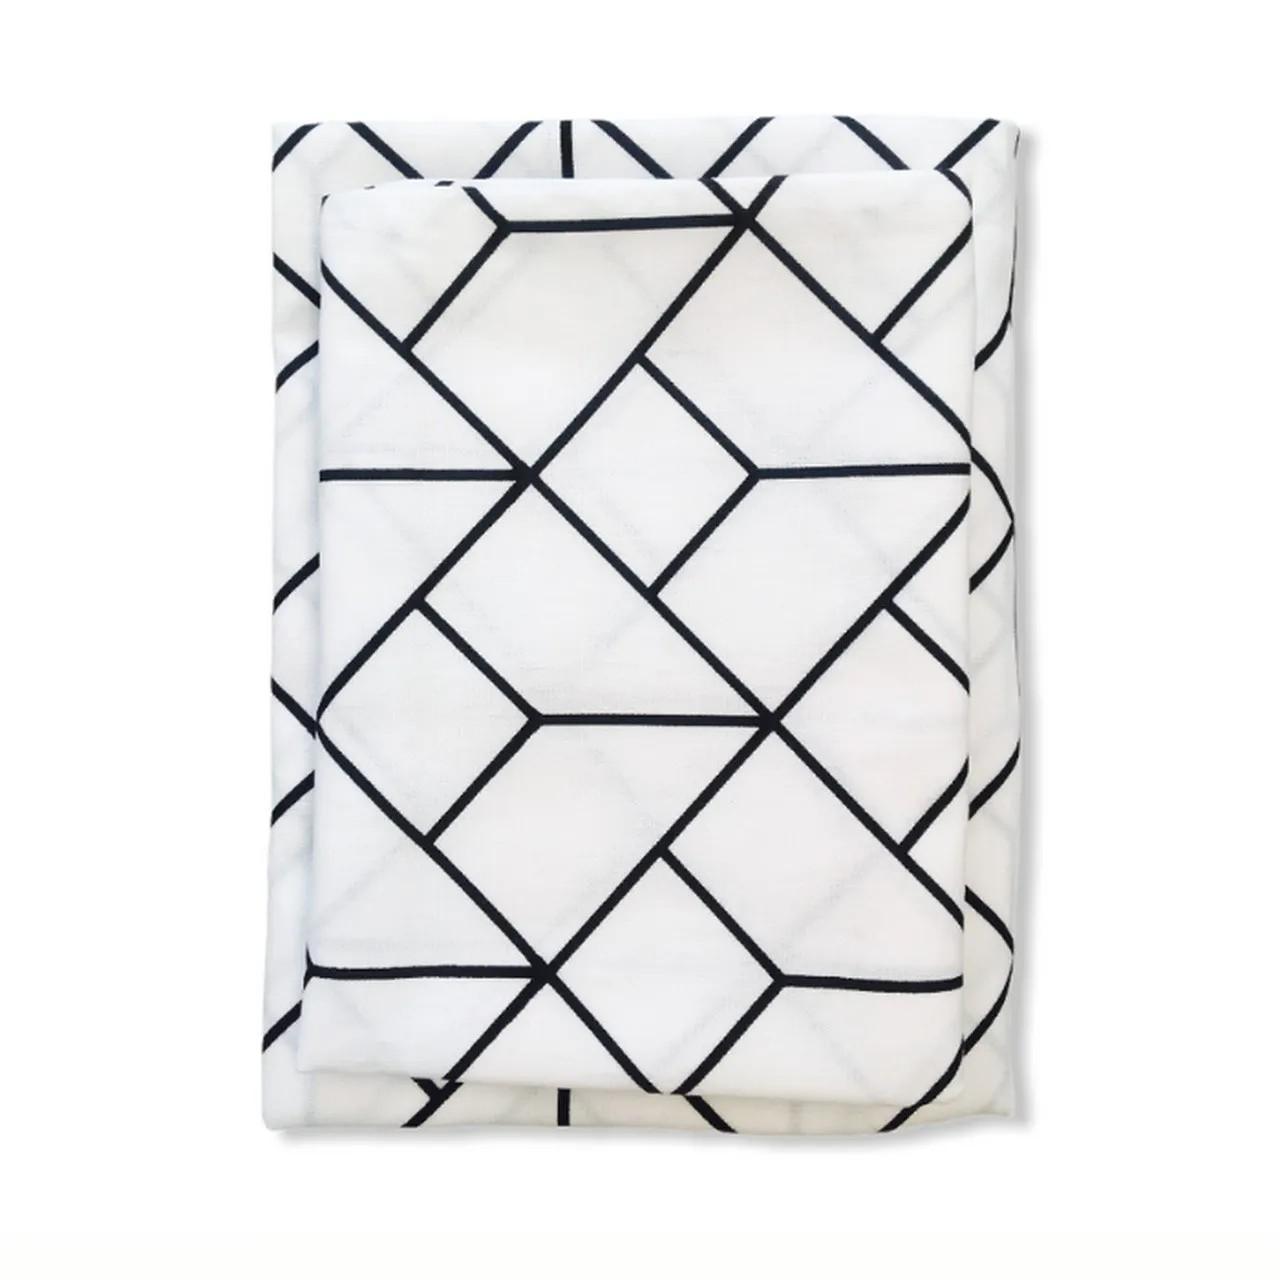 Jogo de Lençol mini berço 2 peças Monochrome 100% algodão  - Pomelo Decor